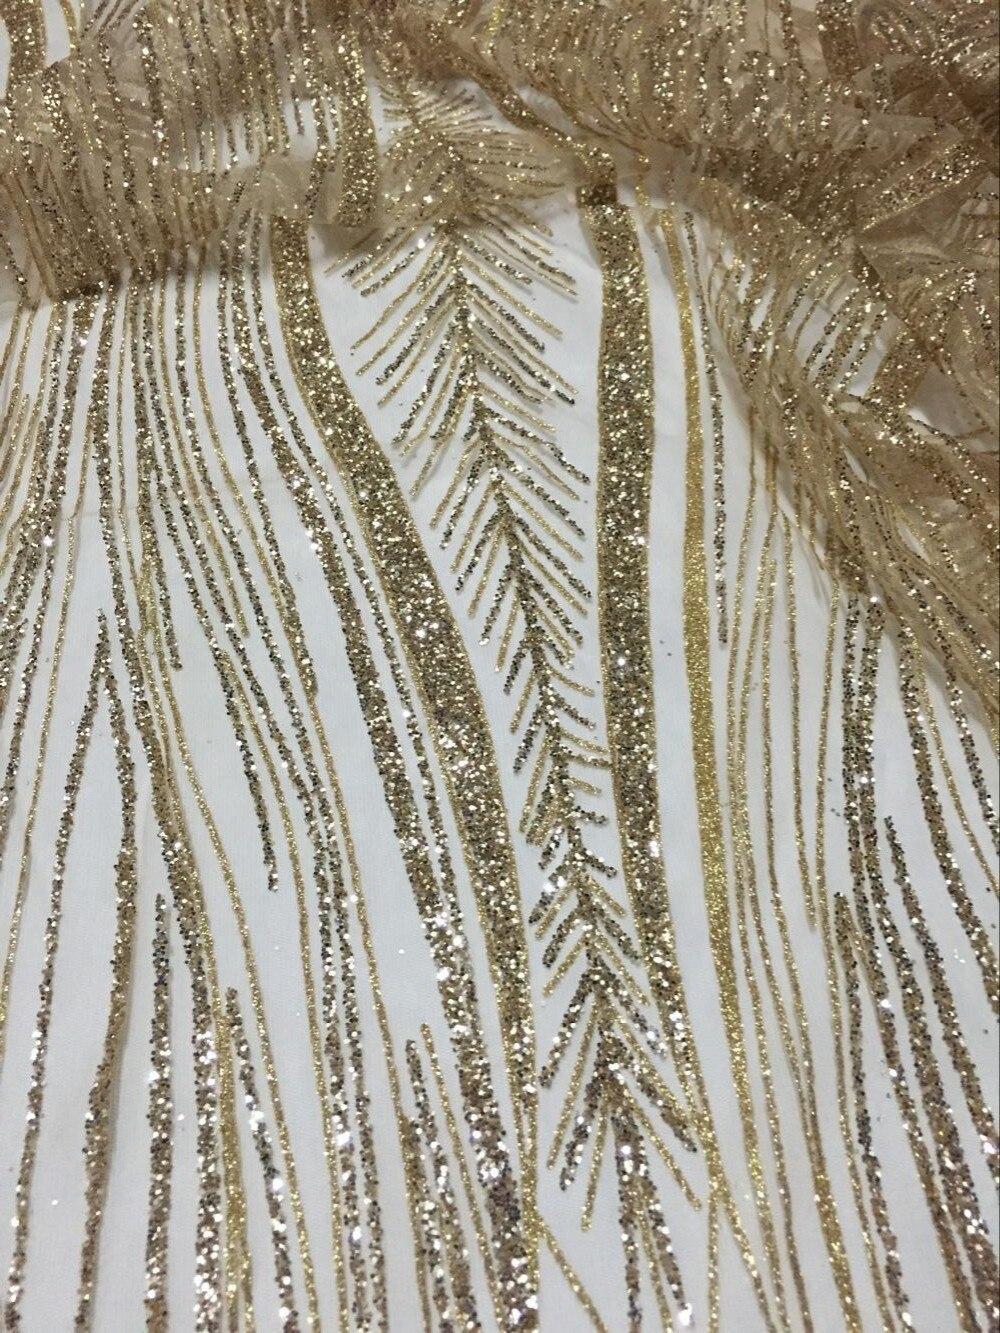 Nova chegada tecido de renda guipure com glitter SH Africano-0001 de Tule Tecido de Renda Mais Recente Tecido de Renda Francesa Africano